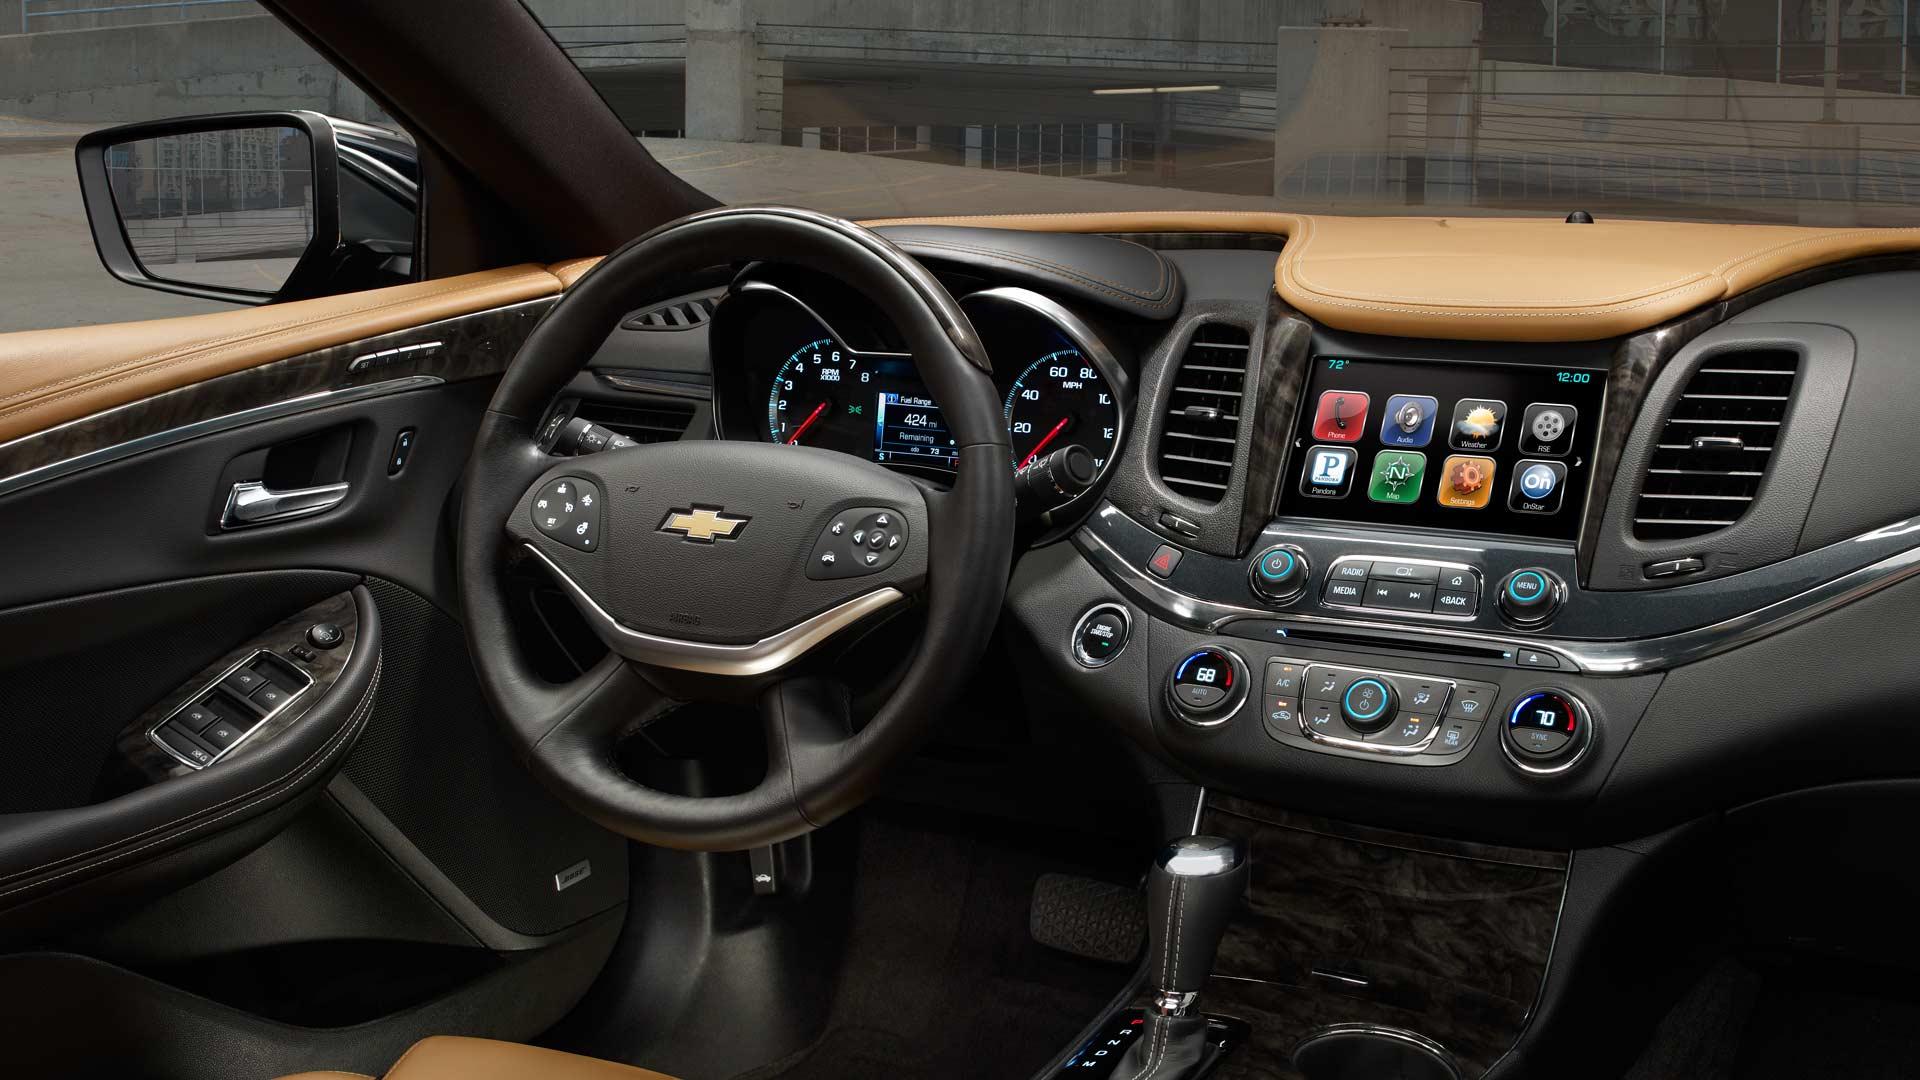 2014 chevrolet impala 12 chevrolet impala 12